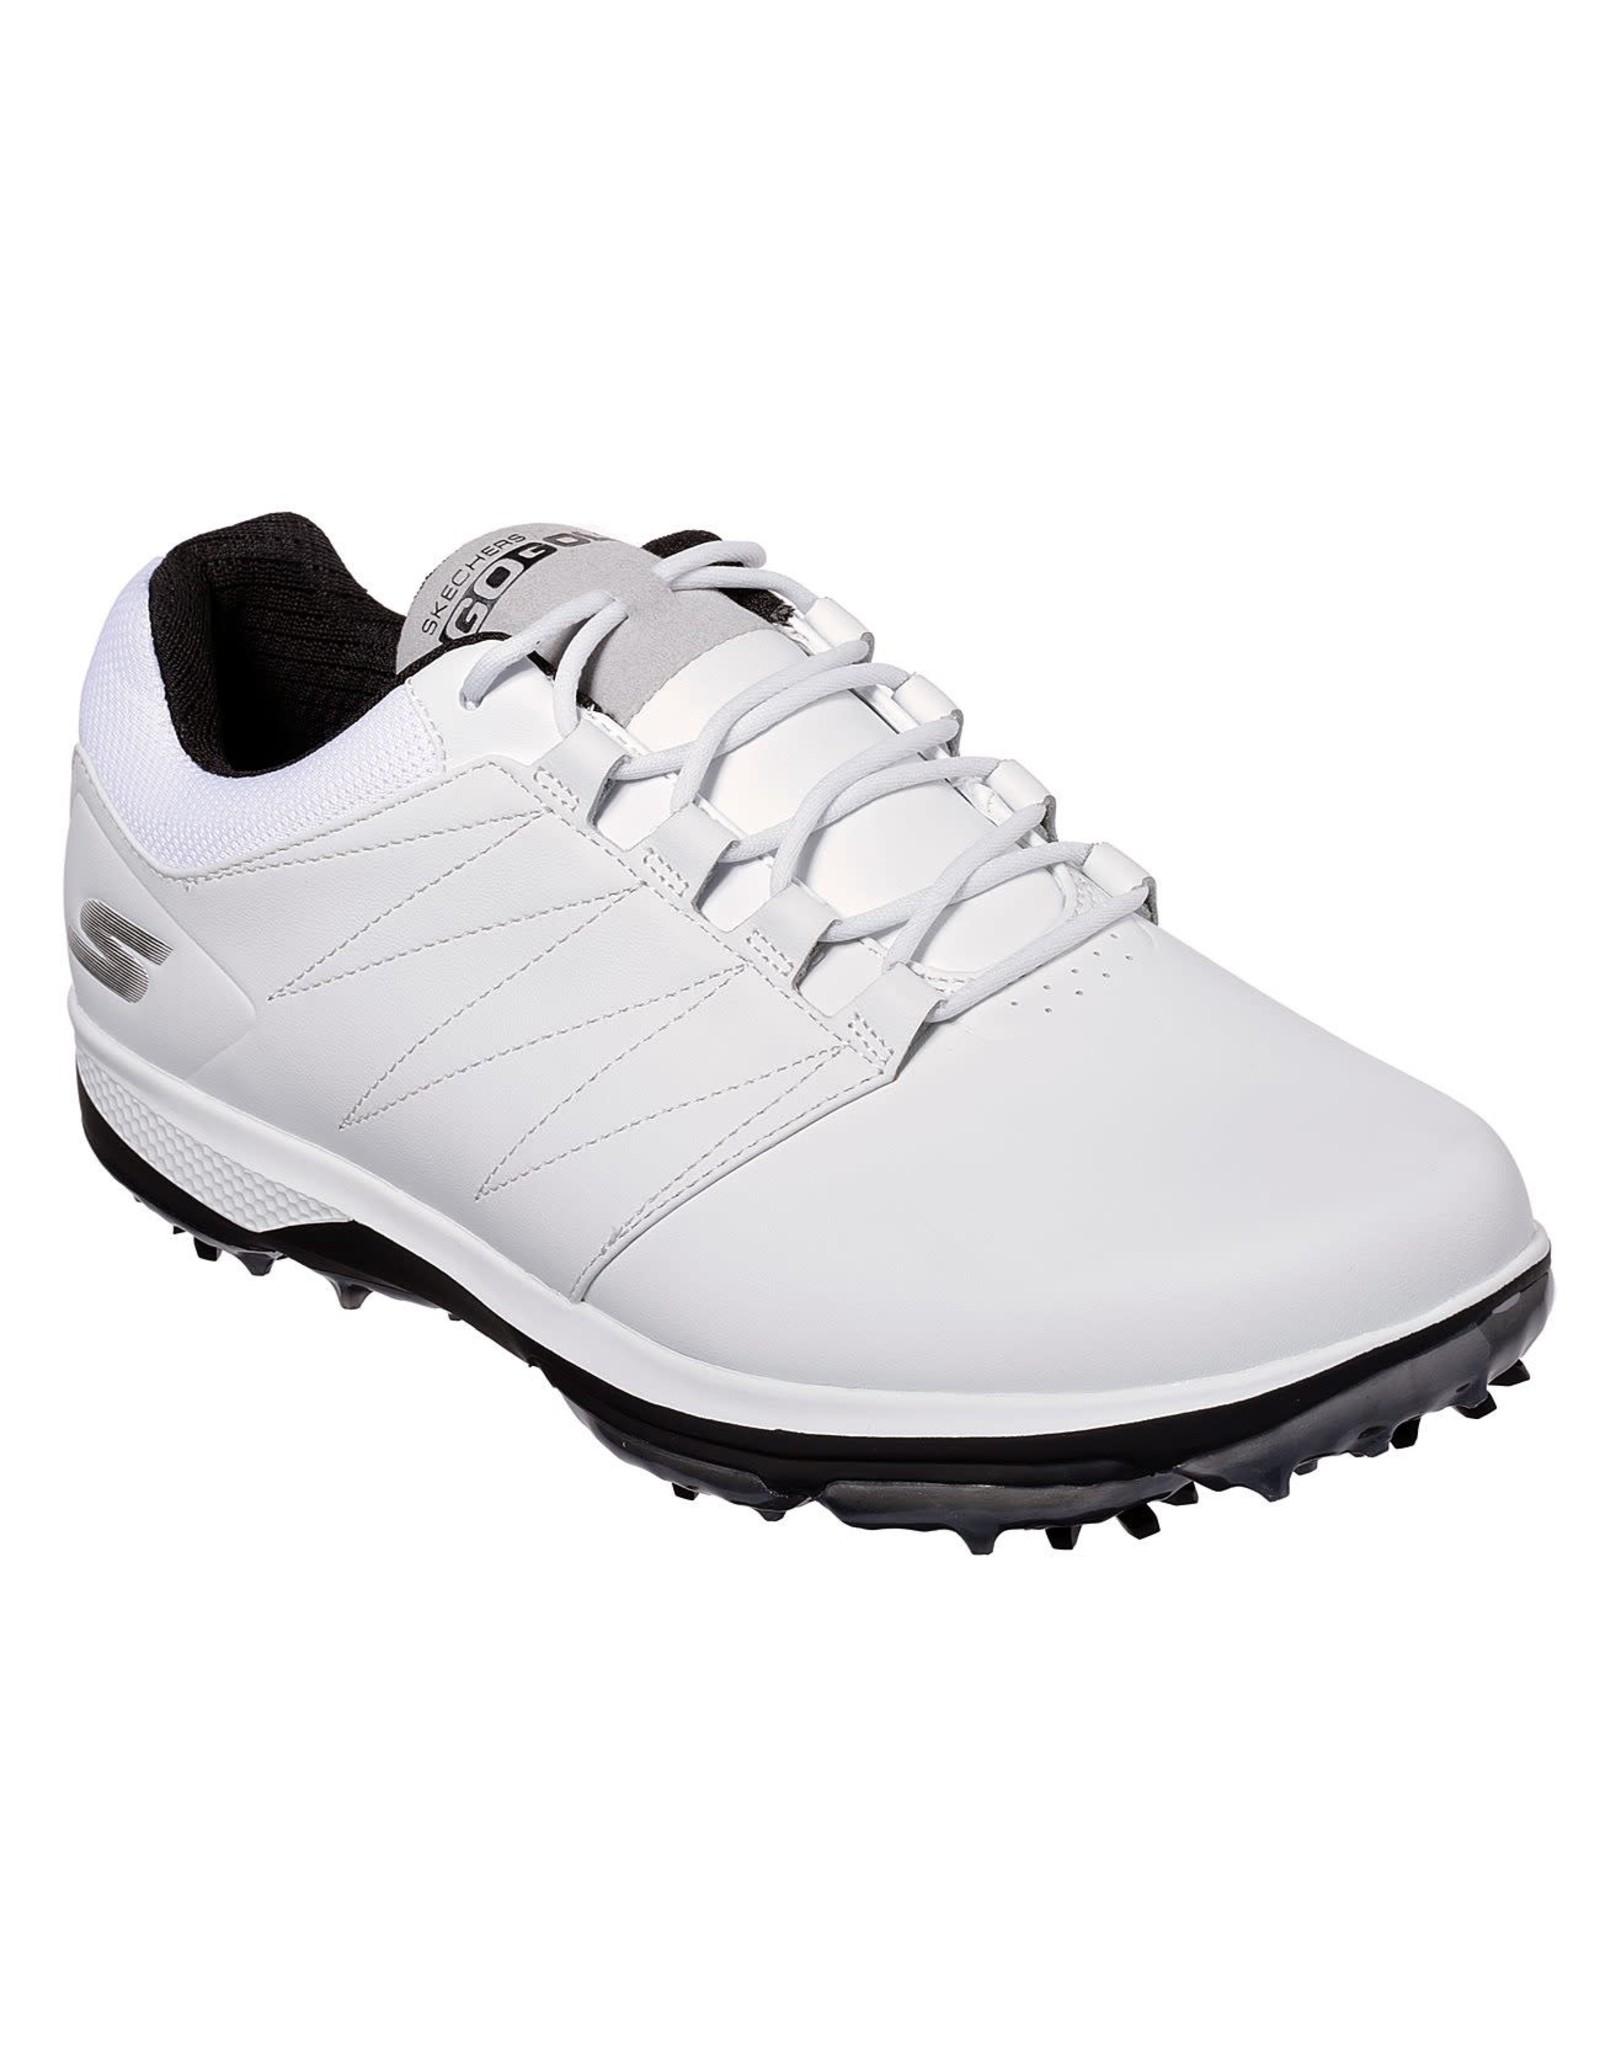 sketchers Sketchers Go Golf Pro V.4 White